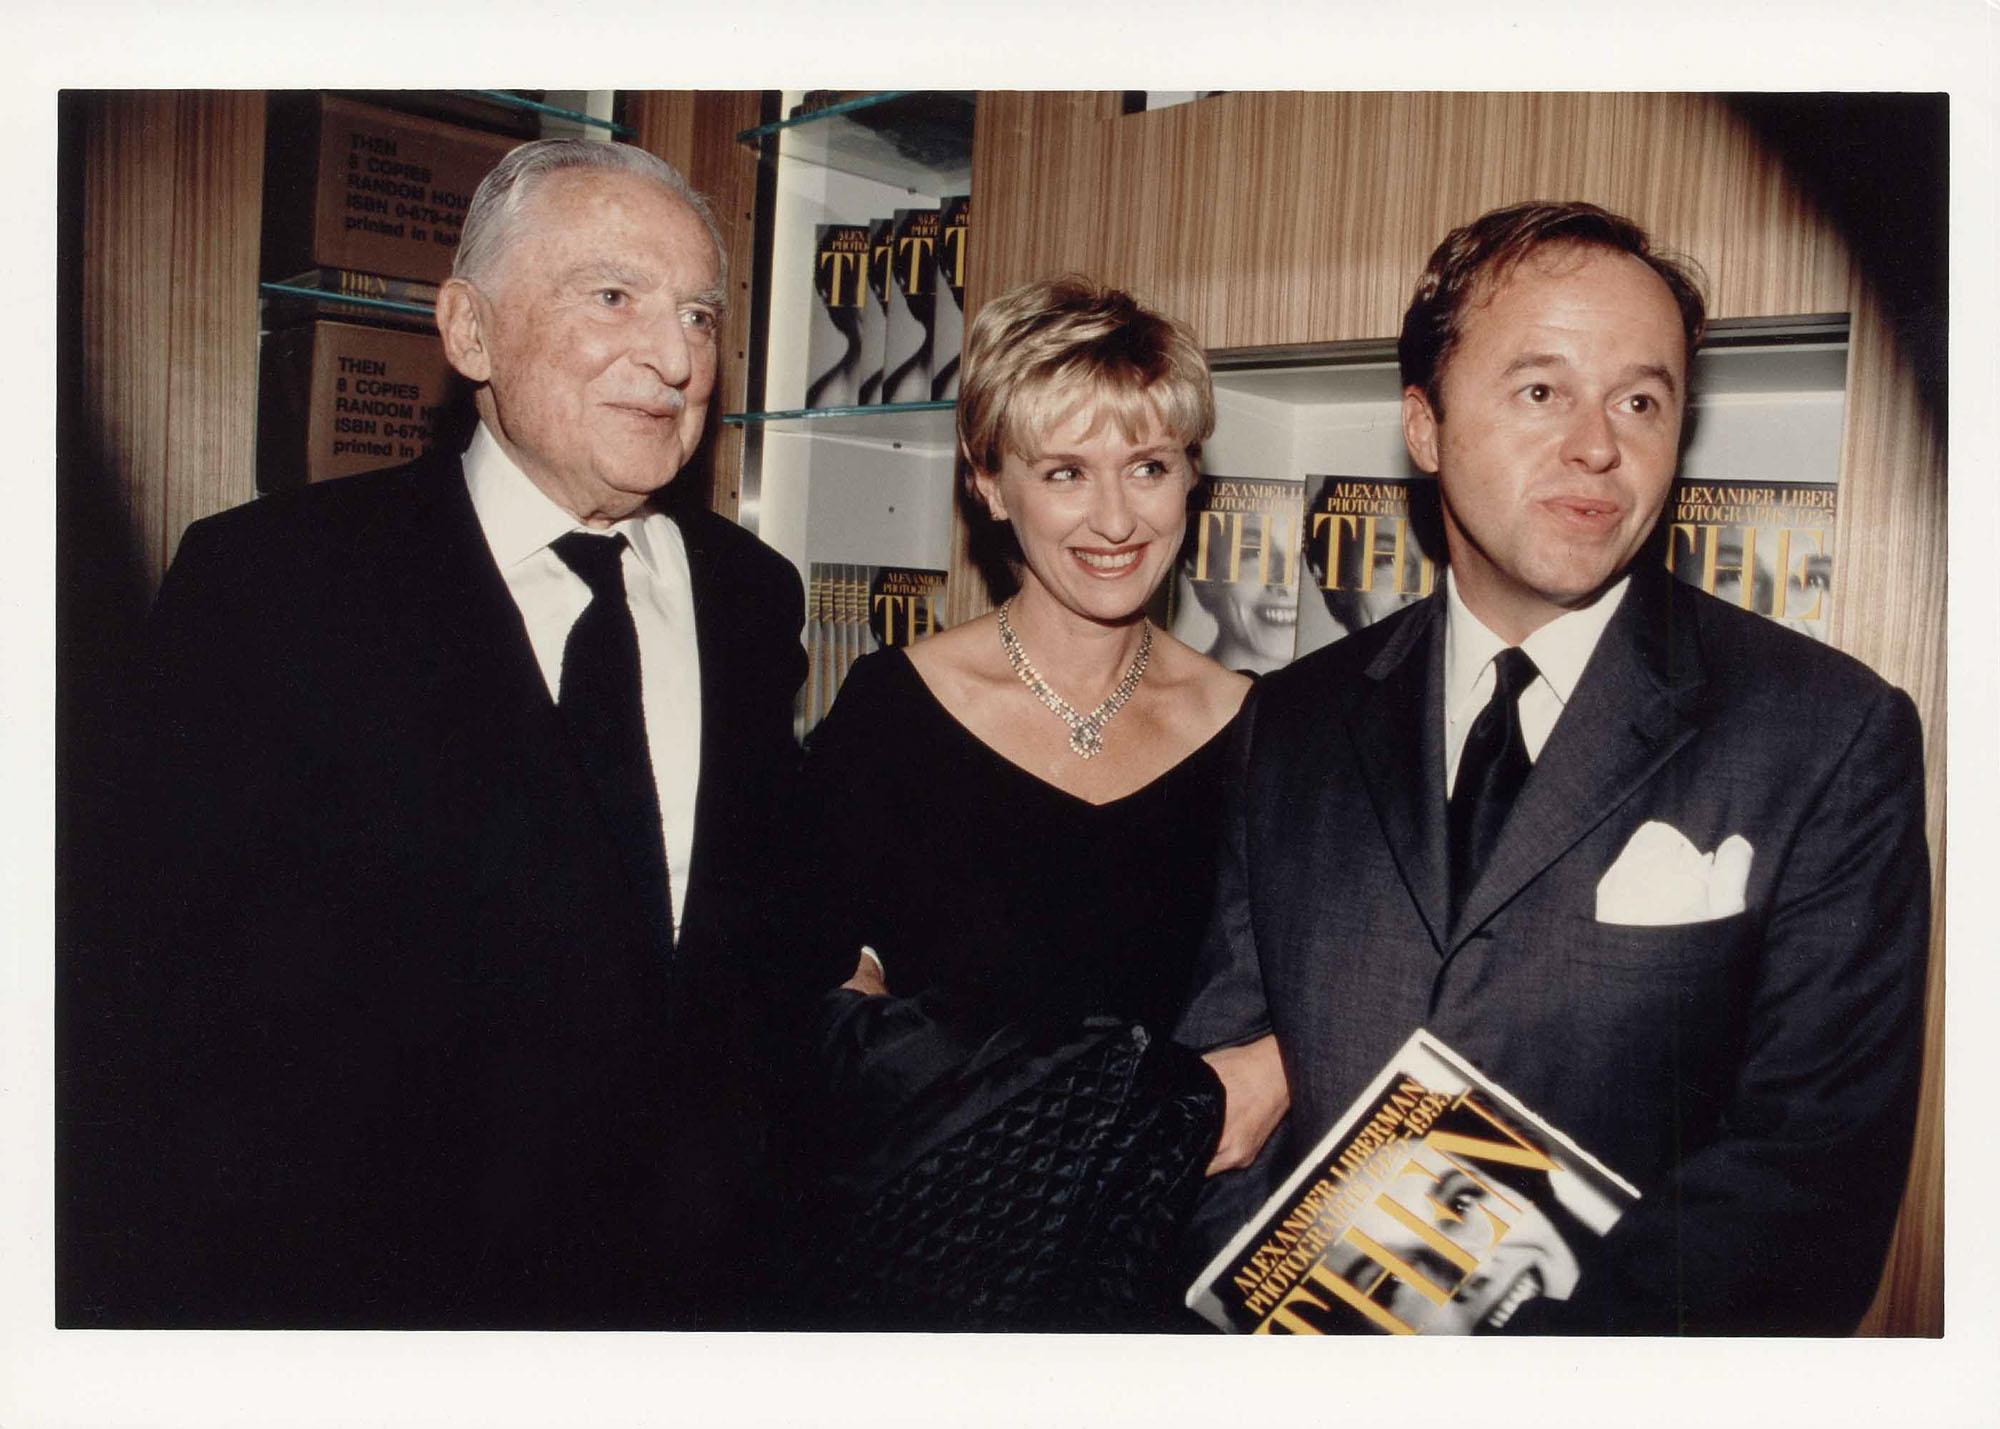 Alexander Liberman, Tina Brown and Charles Churchward, NYC 1994.